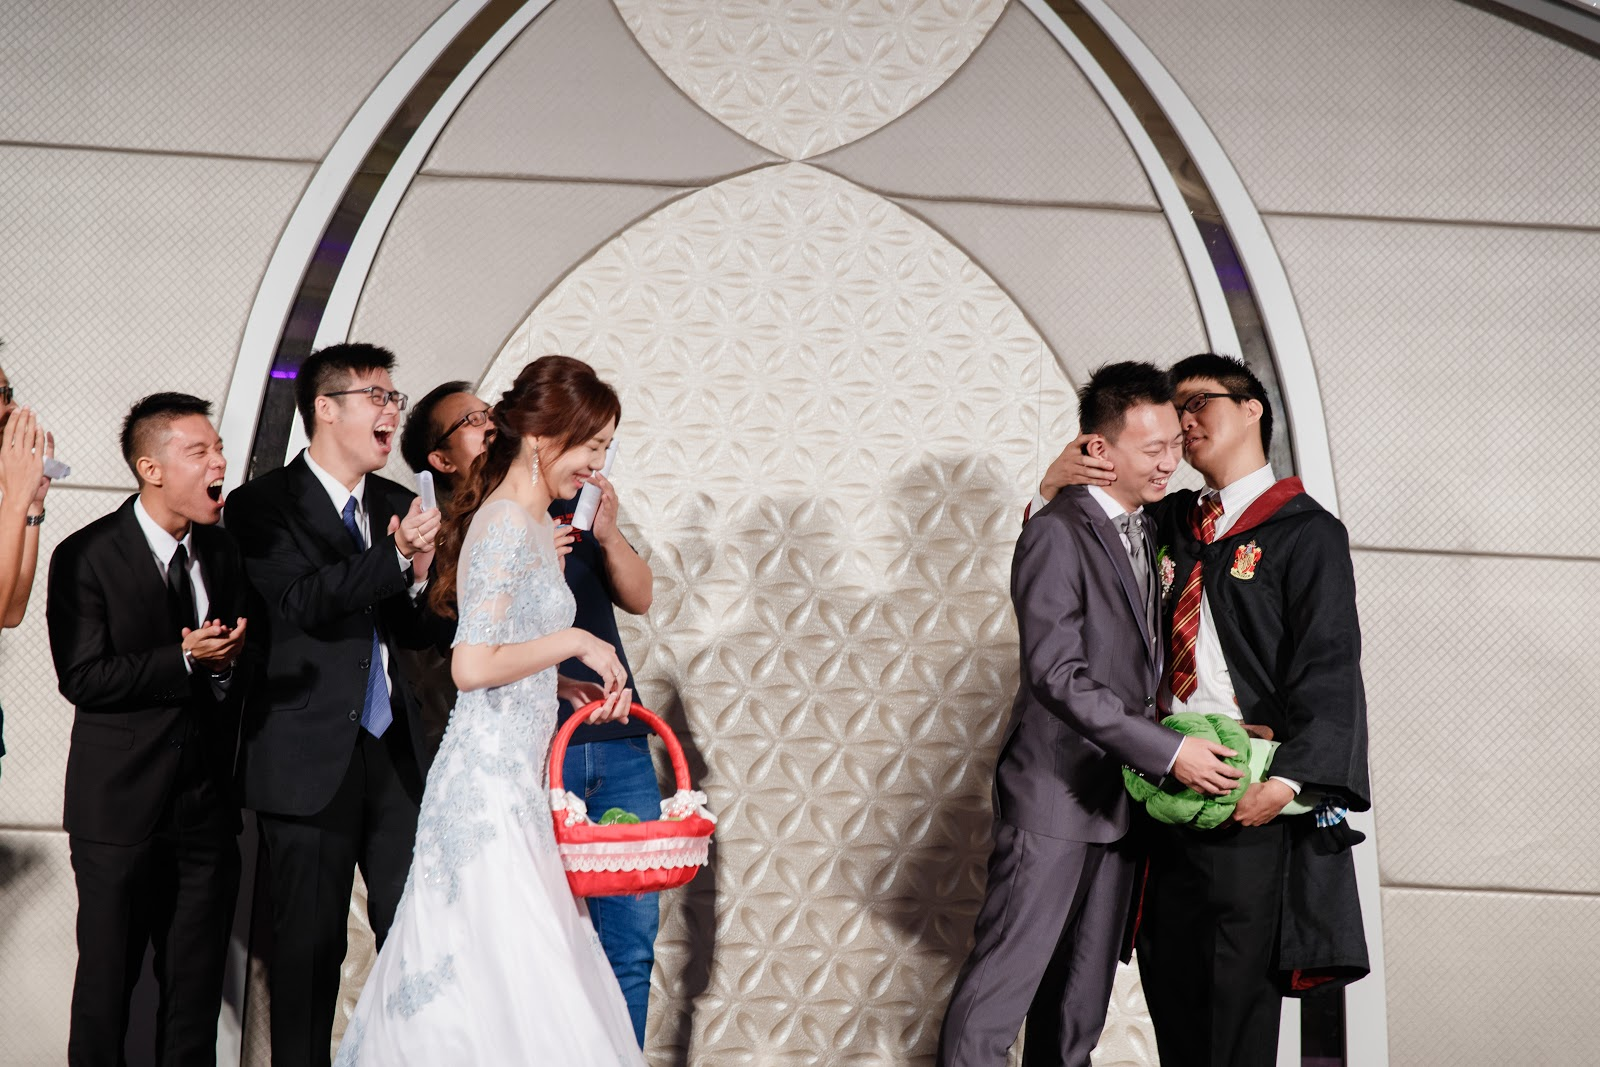 新店豪鼎飯店, 豪鼎婚禮, 豪鼎婚攝, 教堂婚攝, 教堂婚禮, 婚攝, 婚禮紀錄, 榮光小組教會, 景美浸信會, 台北婚攝,